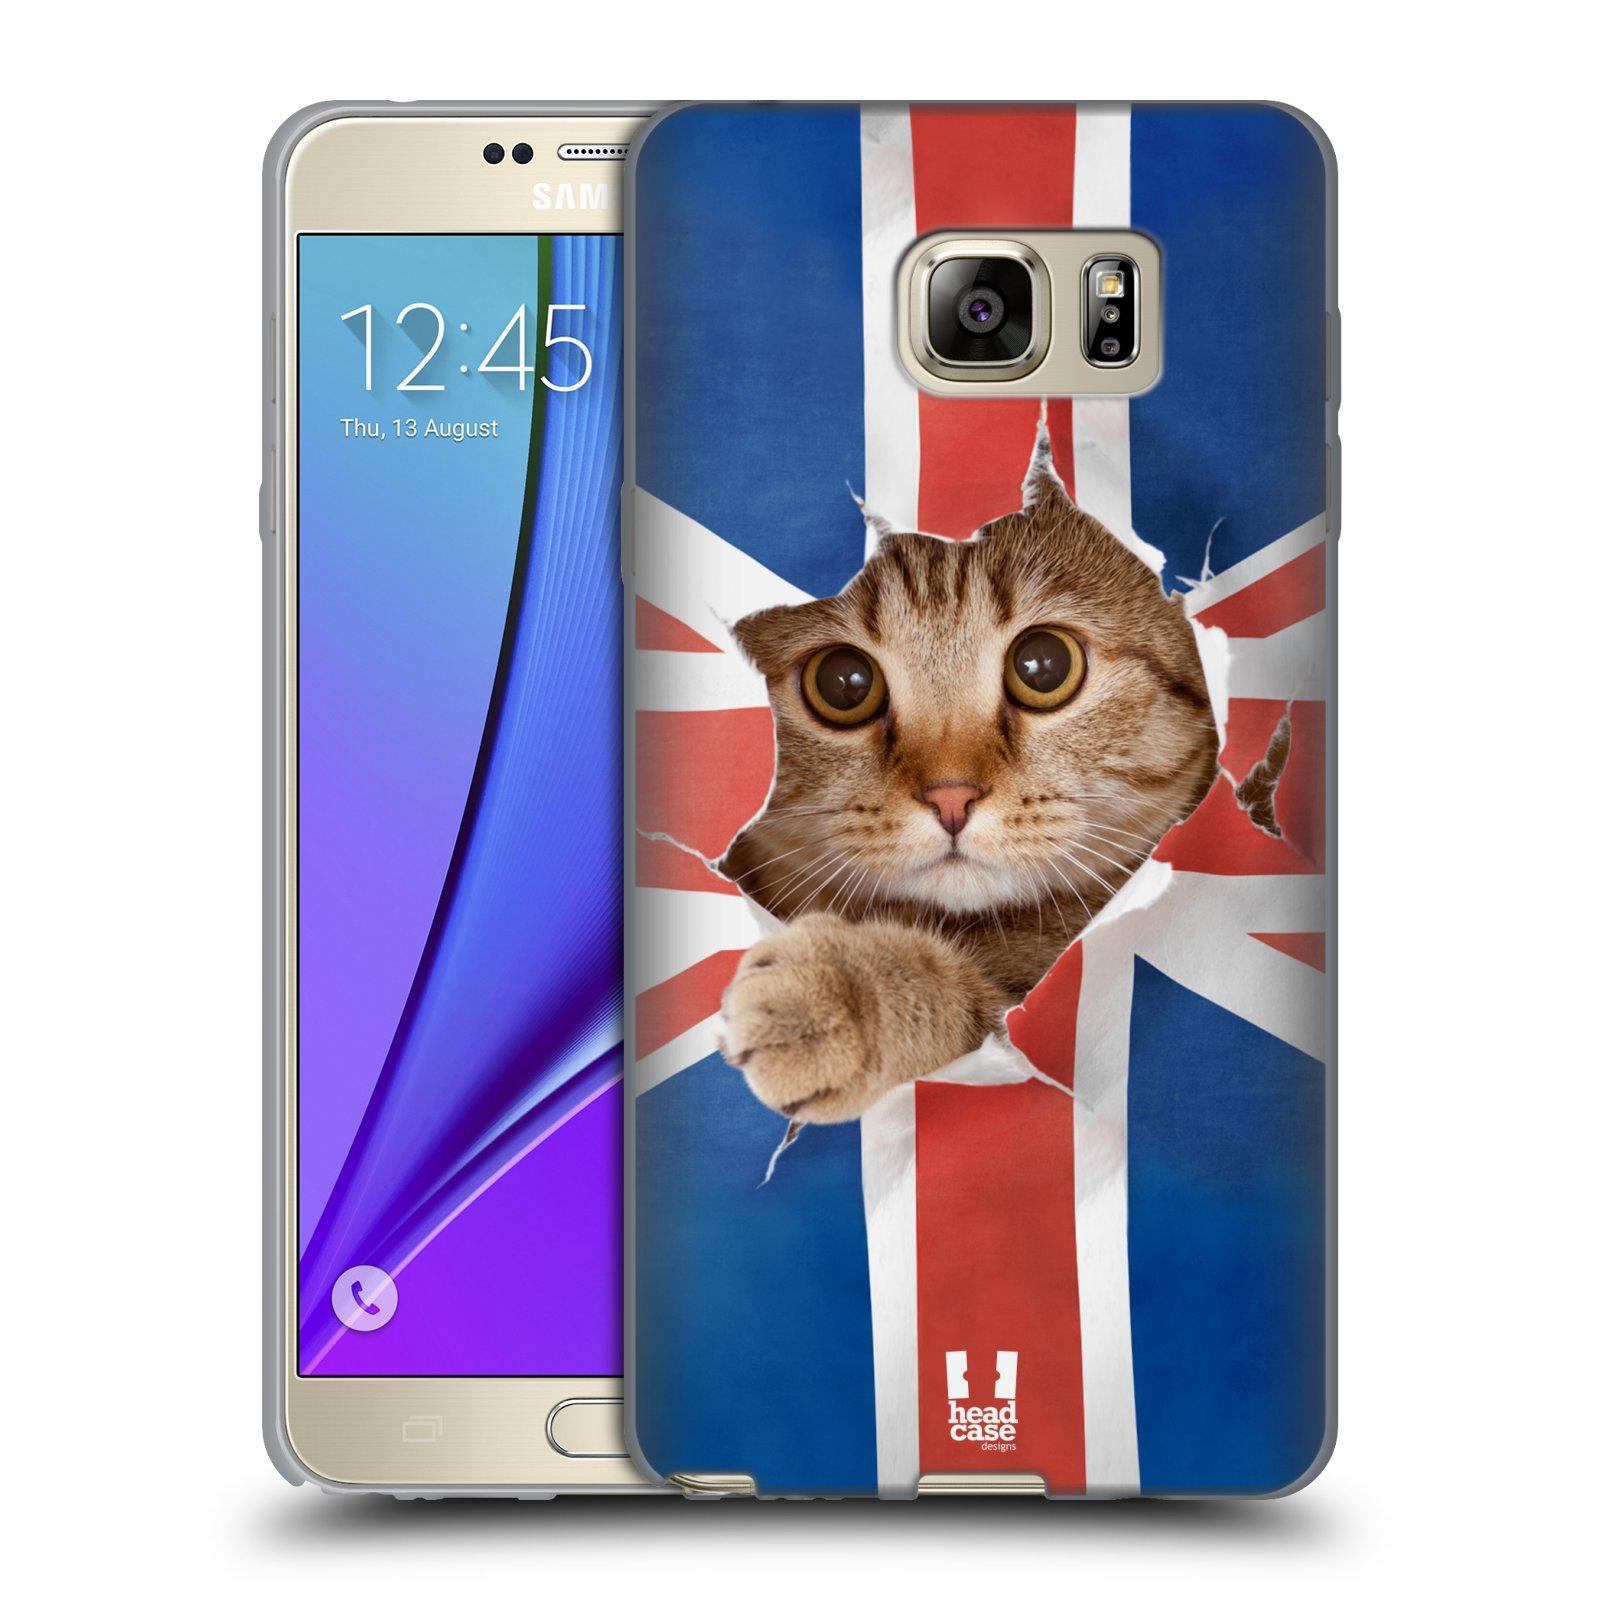 HEAD CASE silikonový obal na mobil Samsung Galaxy Note 5 (N920) vzor Legrační zvířátka kočička a Velká Británie vlajka